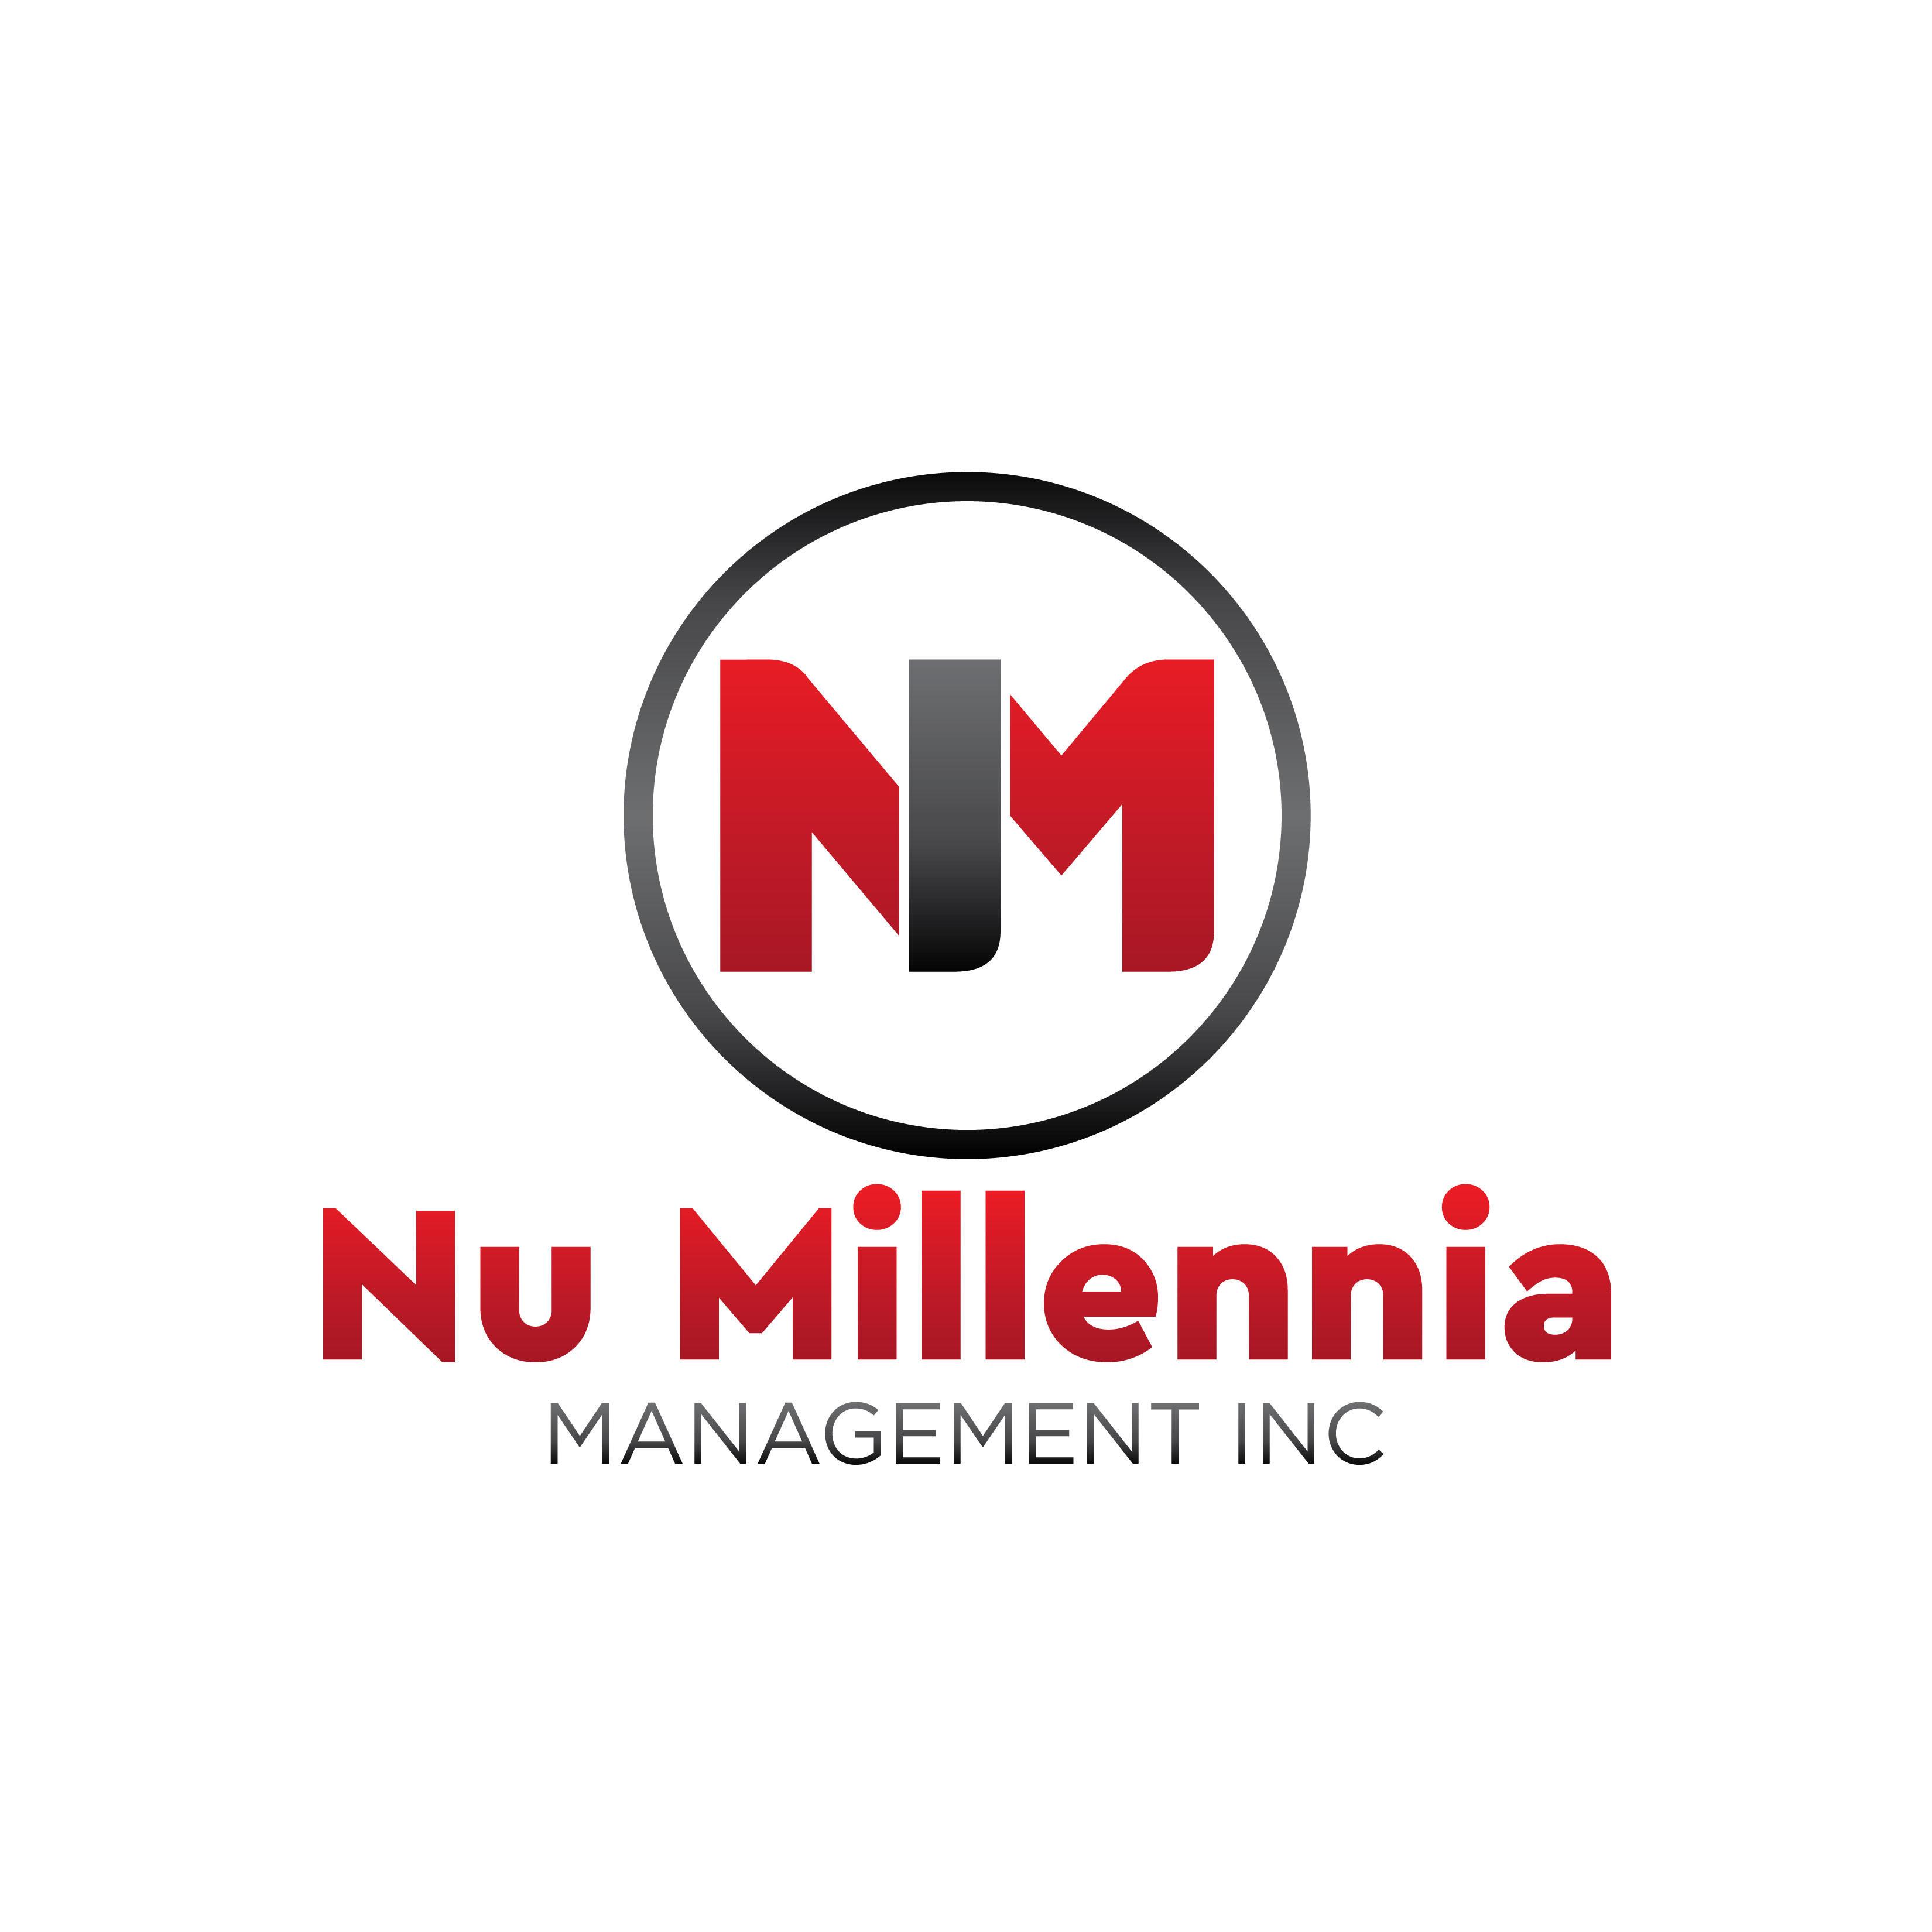 Nu Millenia Management Inc.